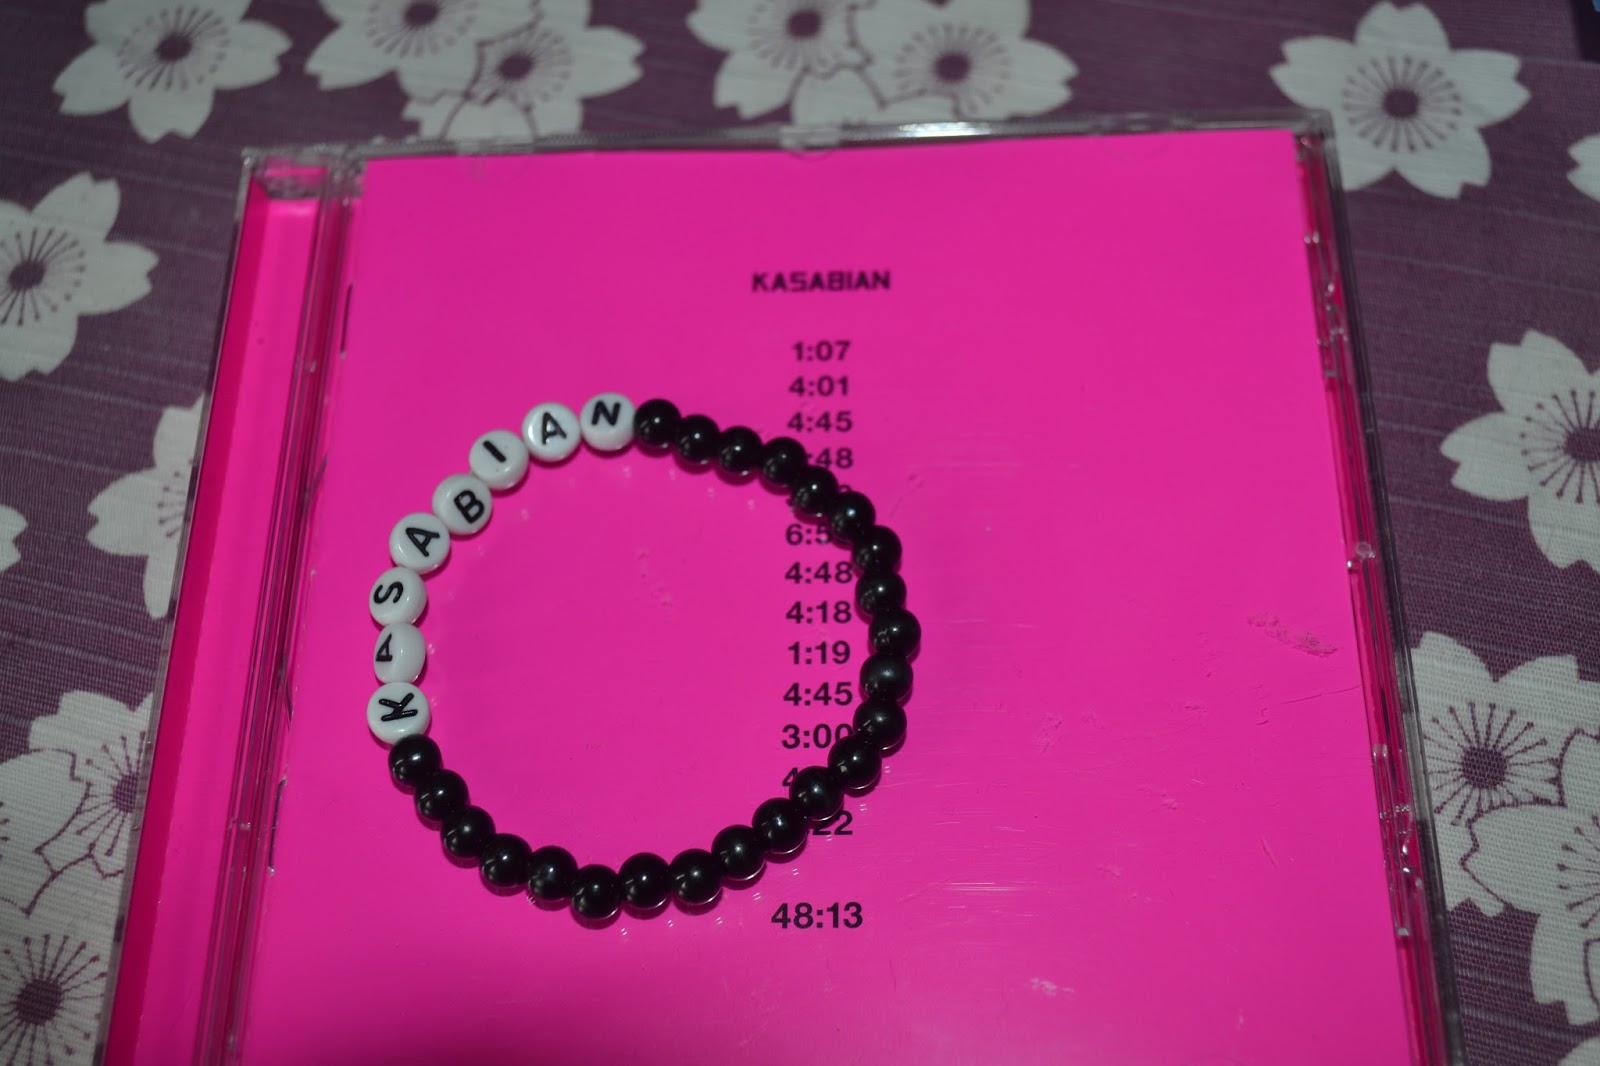 Kasabian 48:13 and Kasabian bracelet